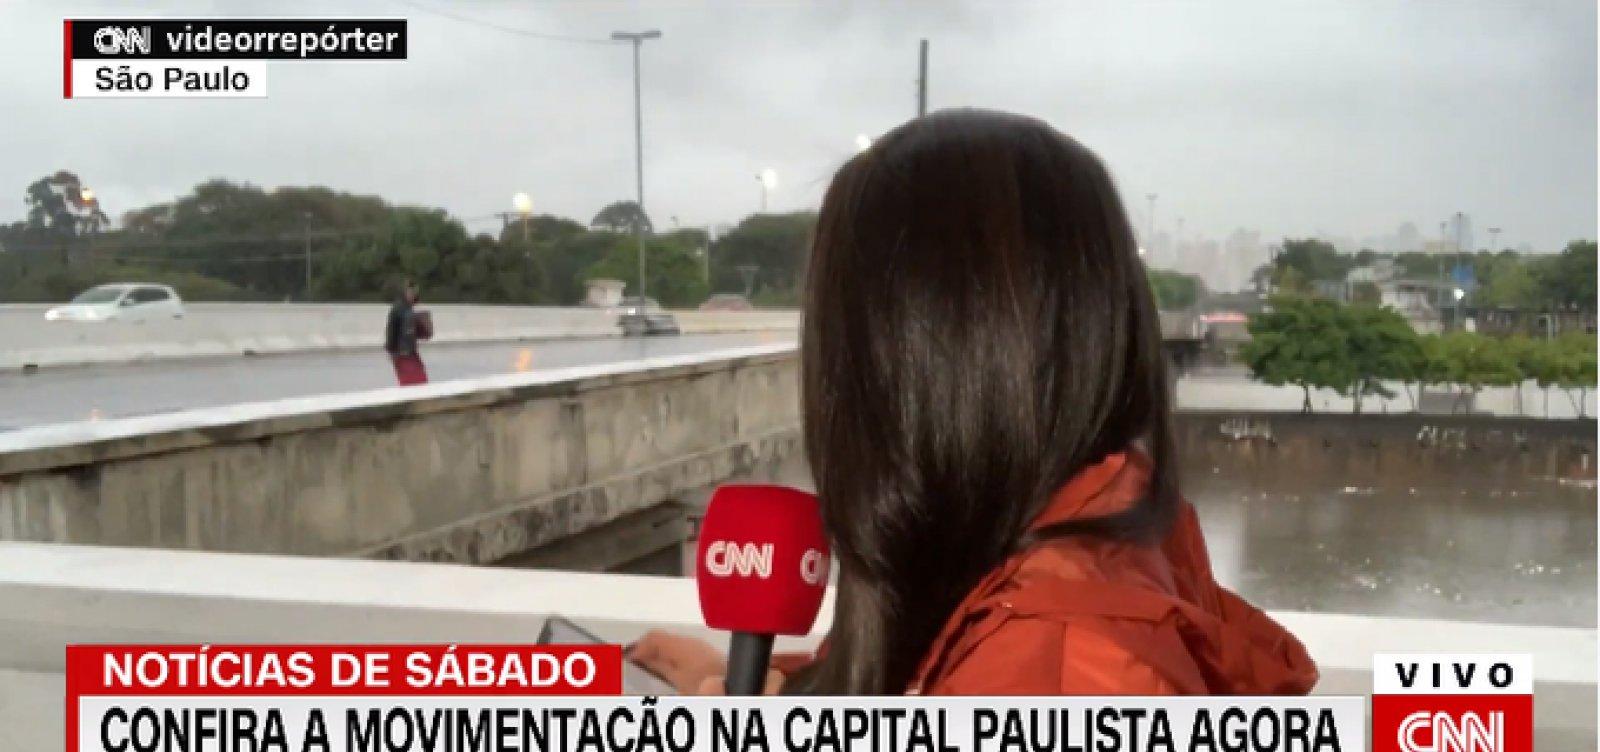 [Repórter da CNN Brasil é assaltada ao vivo; veja vídeo]